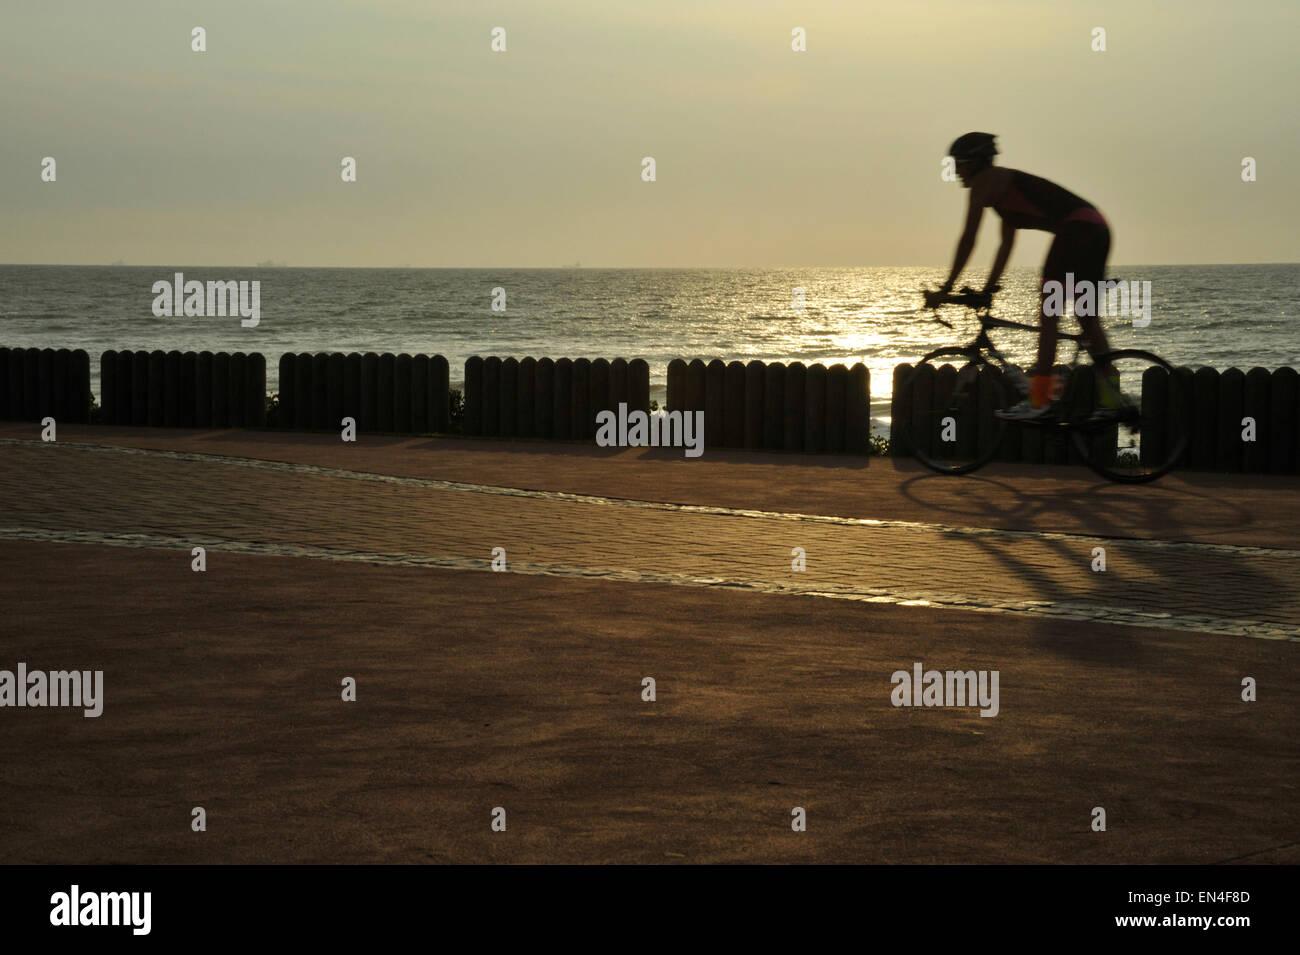 Lone adulto ciclista Bicicletta Equitazione su Durban lungomare la mattina presto il Sud Africa Sports Lifestyle Immagini Stock